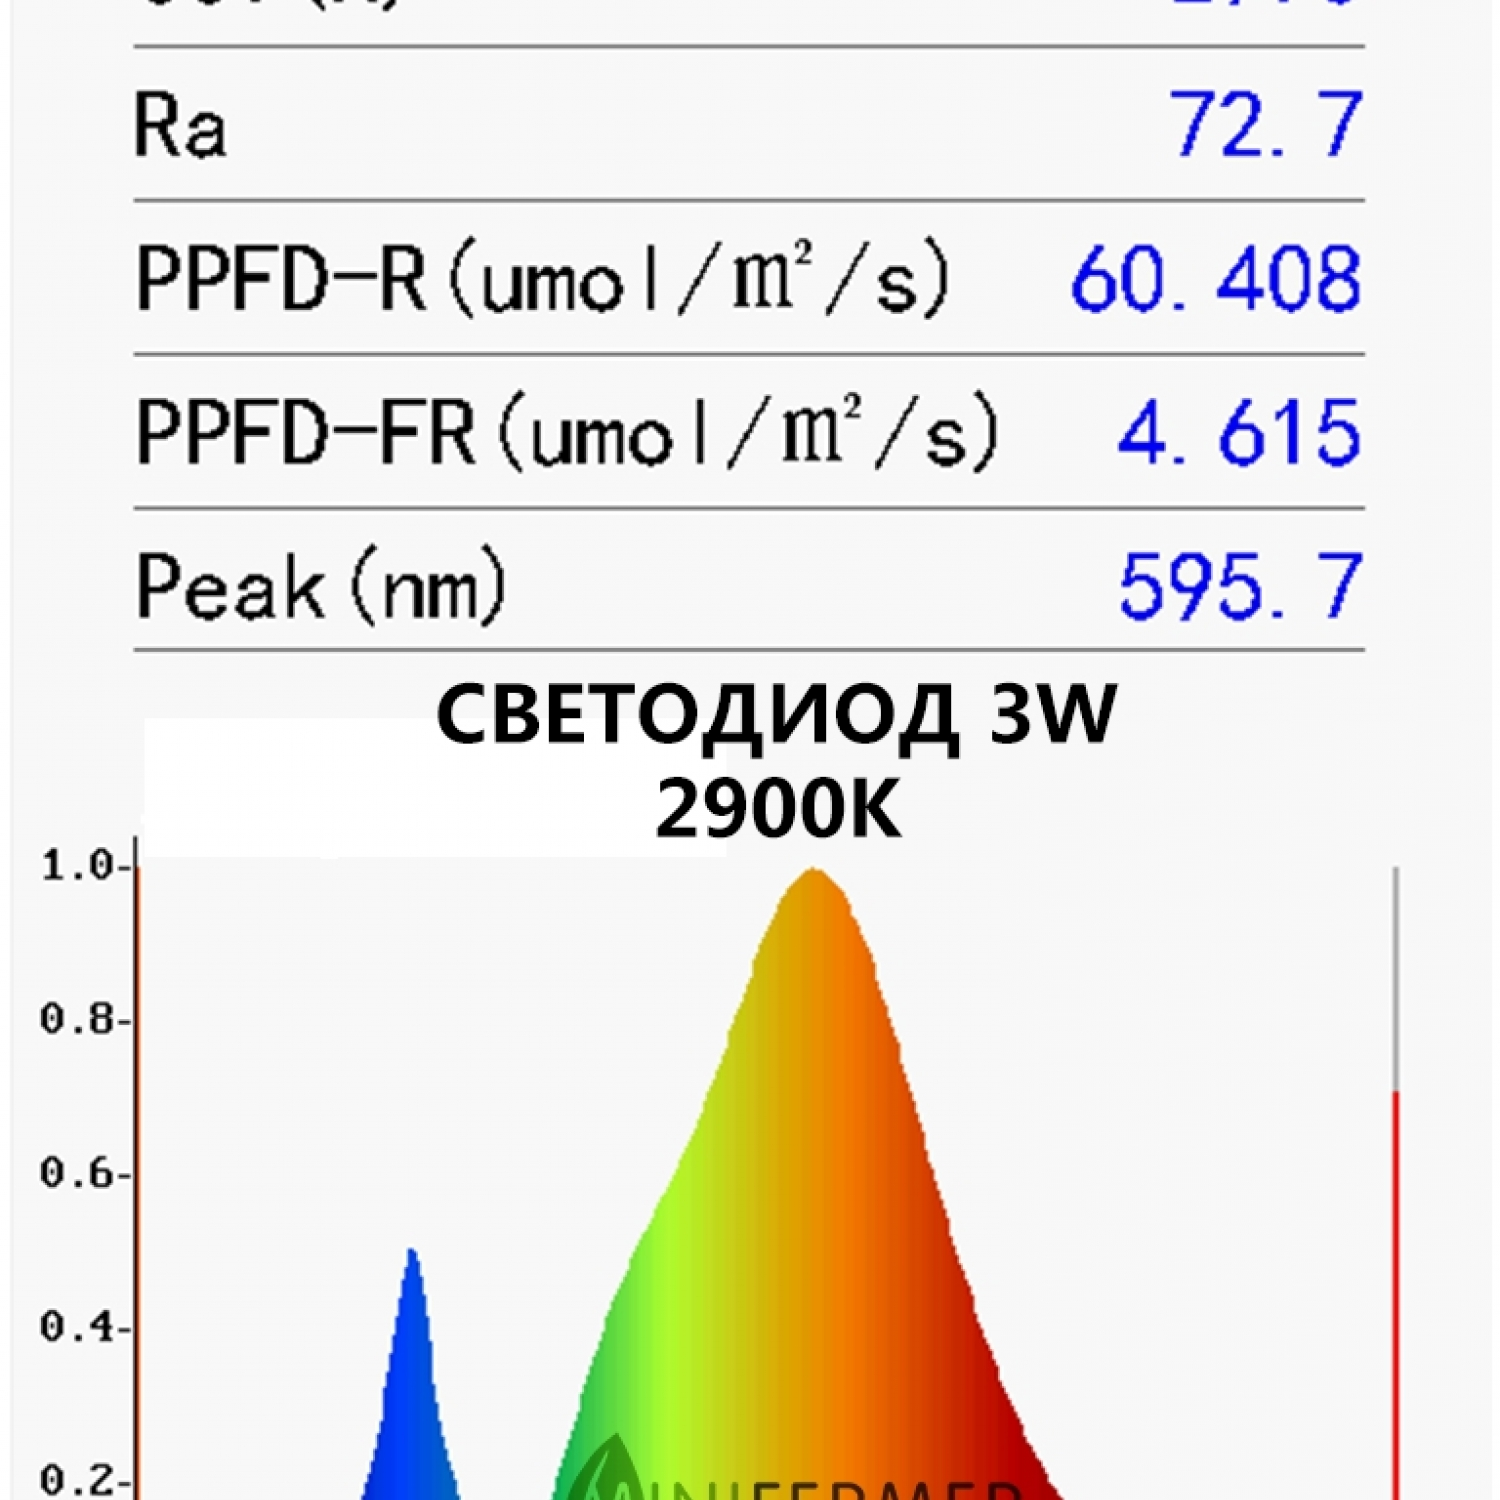 """Фито светодиод 3 Вт 2900К (теплый белый) на PCB """"звезда"""""""